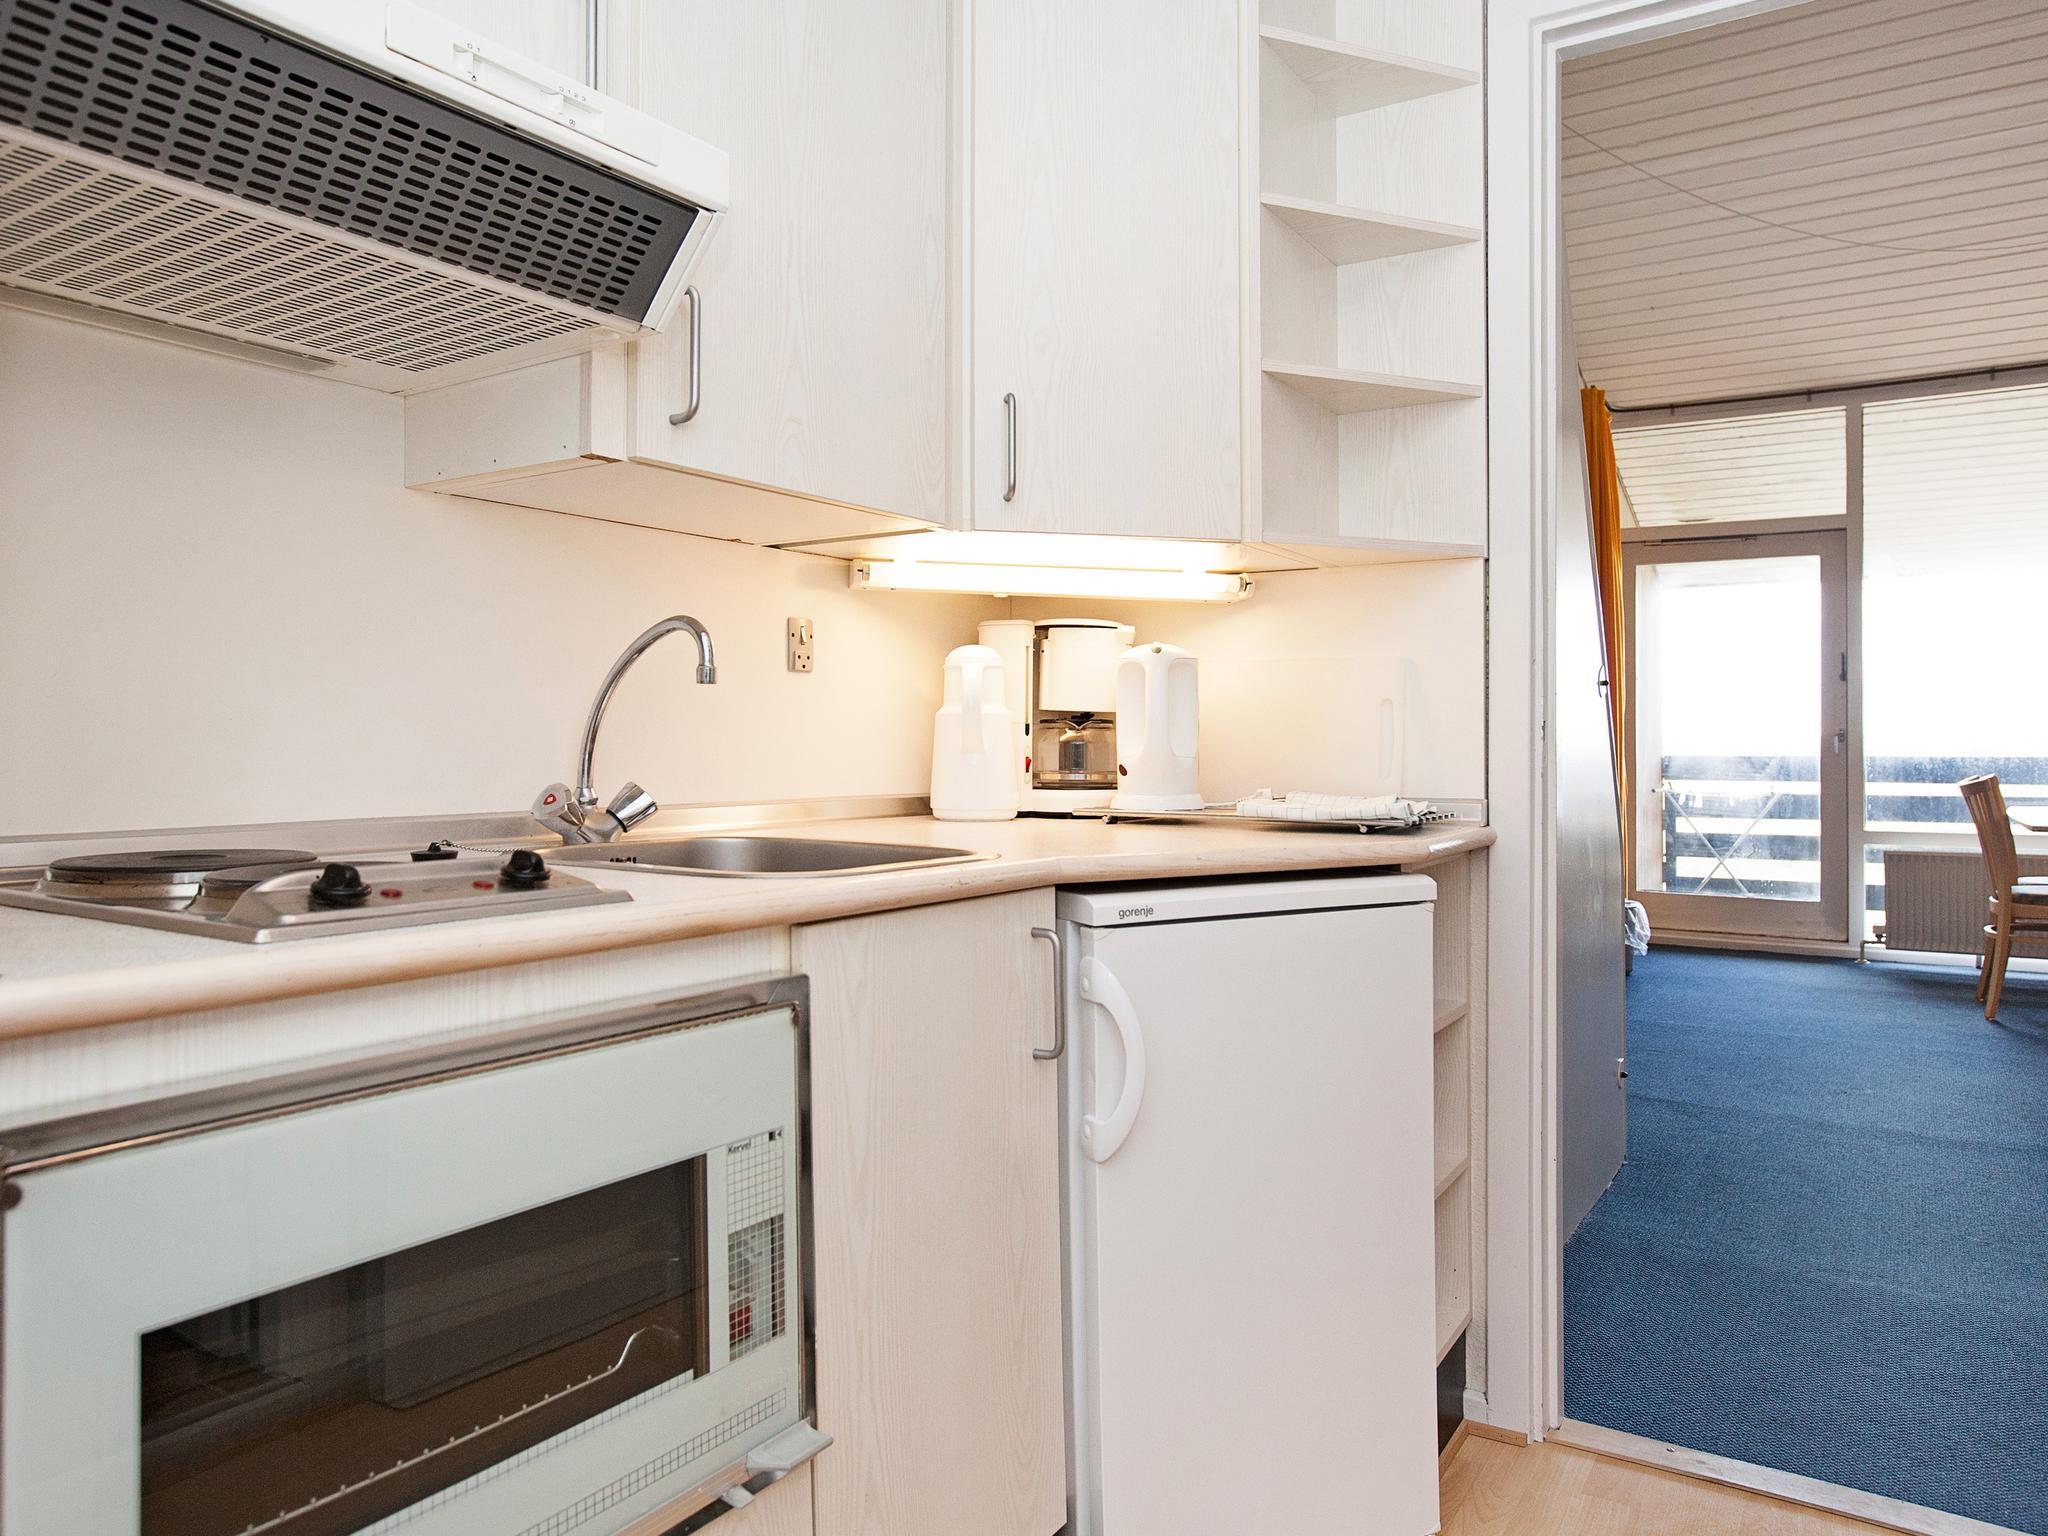 Ferienwohnung Hirtshals - Typ 1 - 2 Zimmer m/Meerblick (382686), Hirtshals, , Nordwestjütland, Dänemark, Bild 16